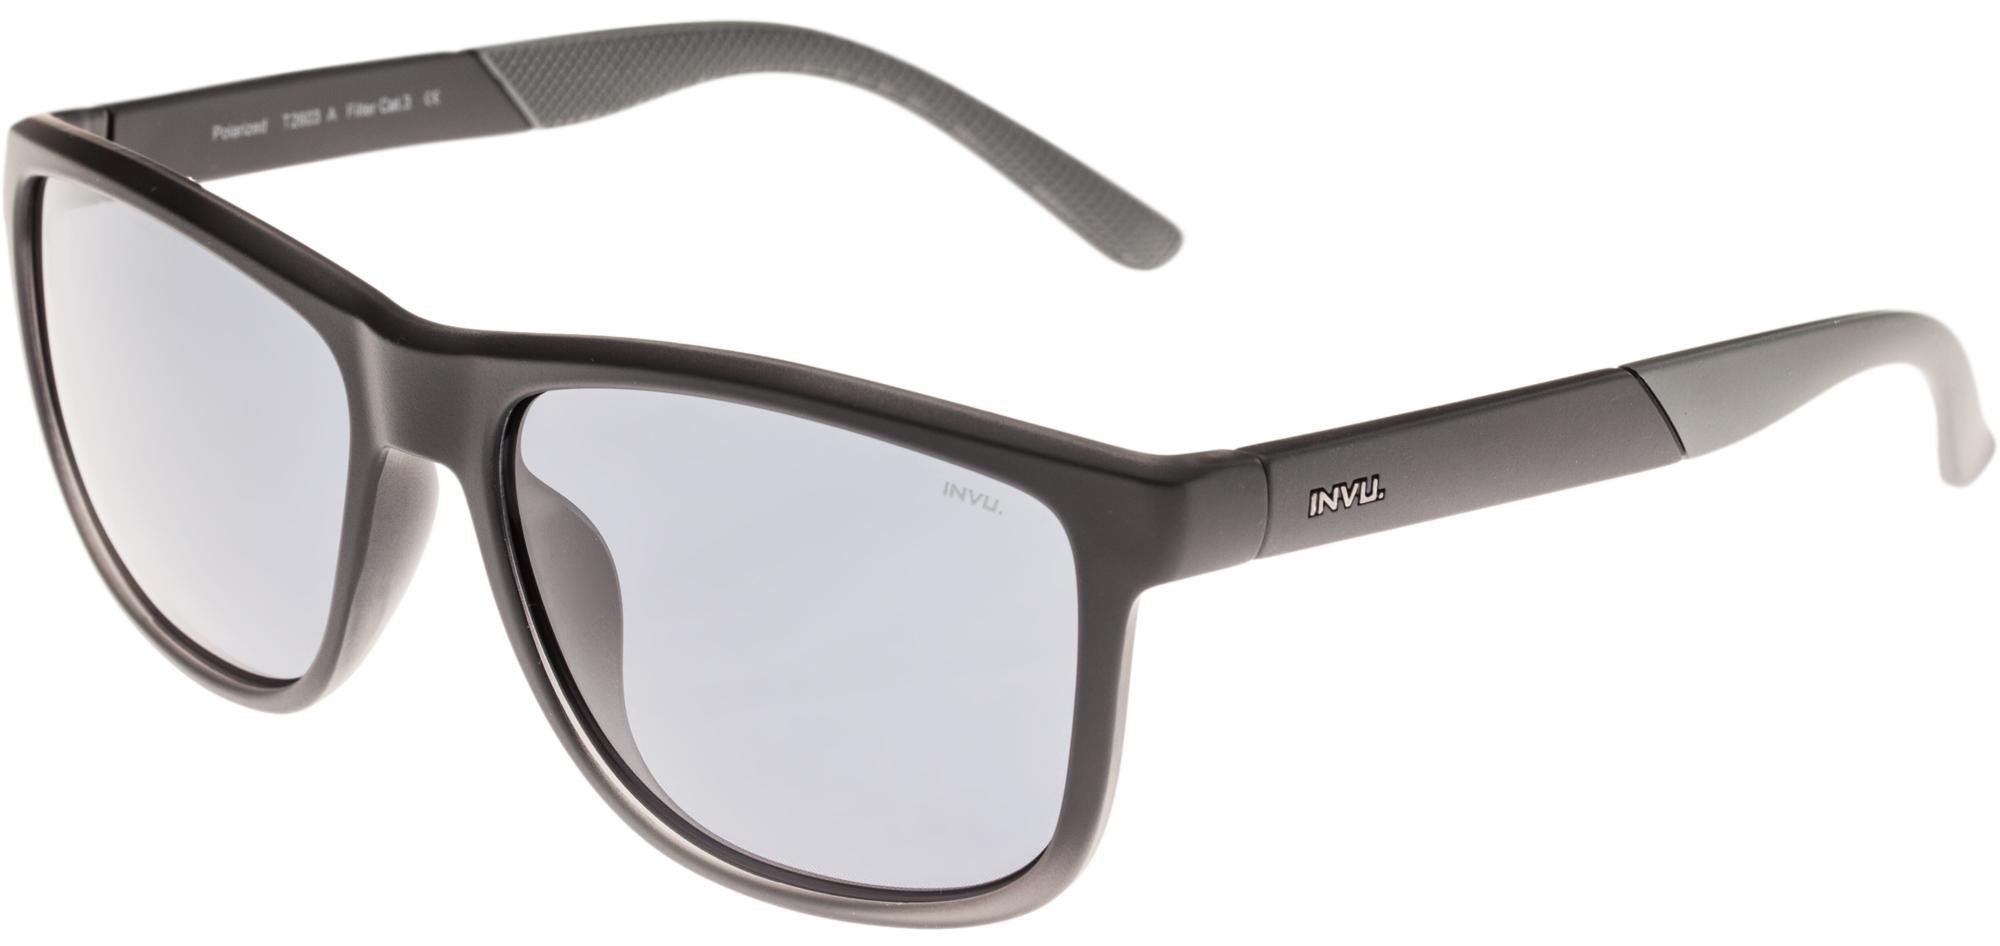 Invu Солнцезащитные очки Invu купить биксеноновые линзы 9 го поколения